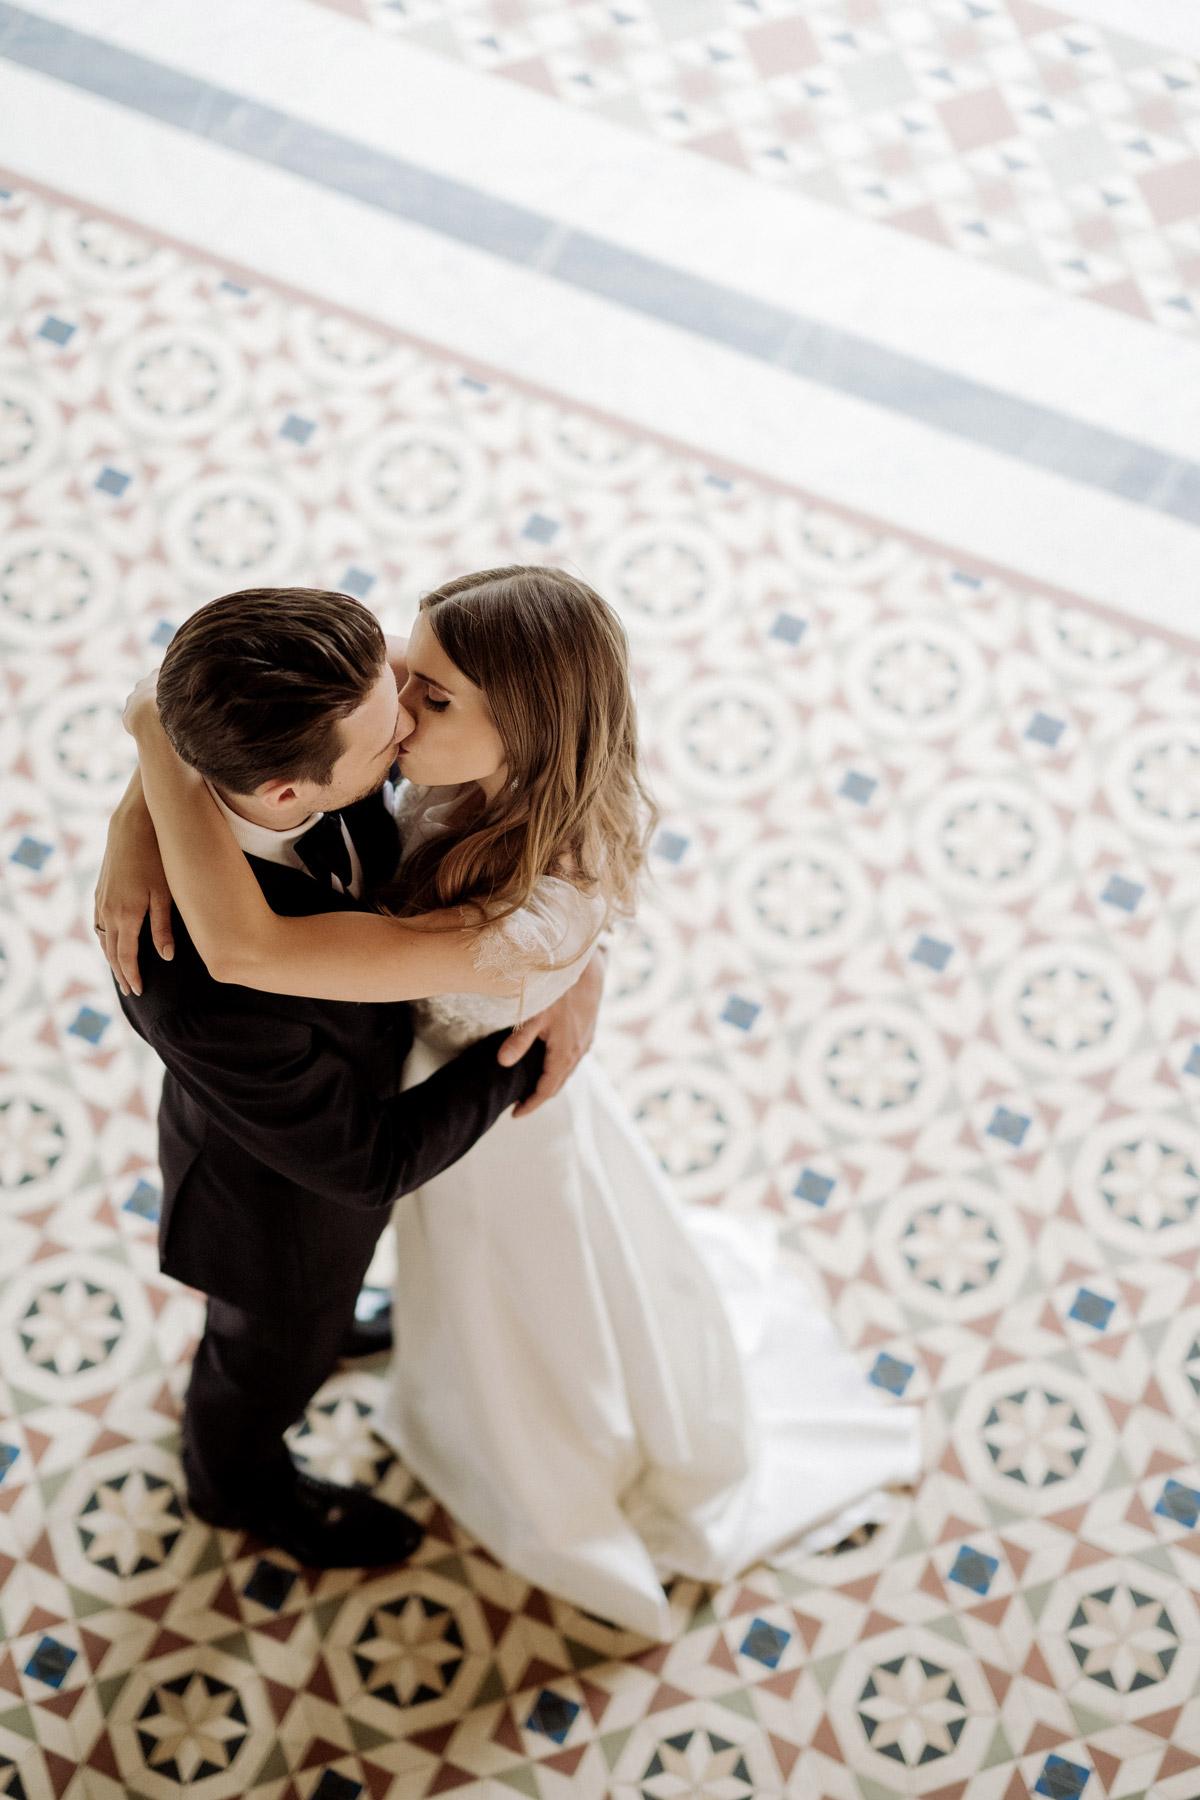 natürliche Hochzeitsfotos; Standesamt Potsdam Hochzeit im Schloss Belvedere auf dem Pfingstberg mit Tipps für natürliche Brautpaarfotos von Hochzeitsfotograf Berlin © www.hochzeitslicht.de #hochzeitslicht